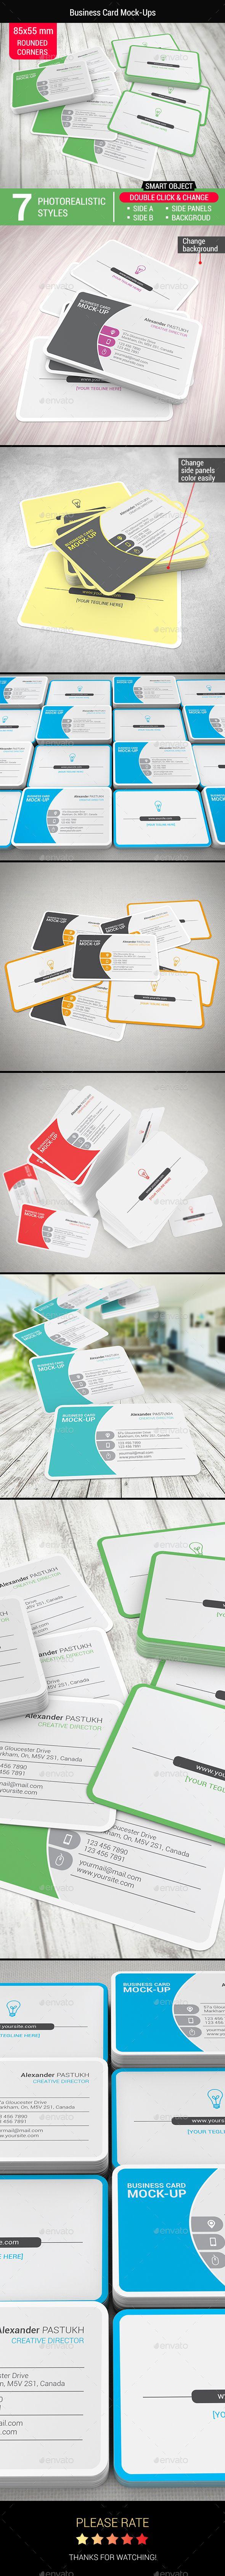 Die besten 25 Business card size Ideen auf Pinterest